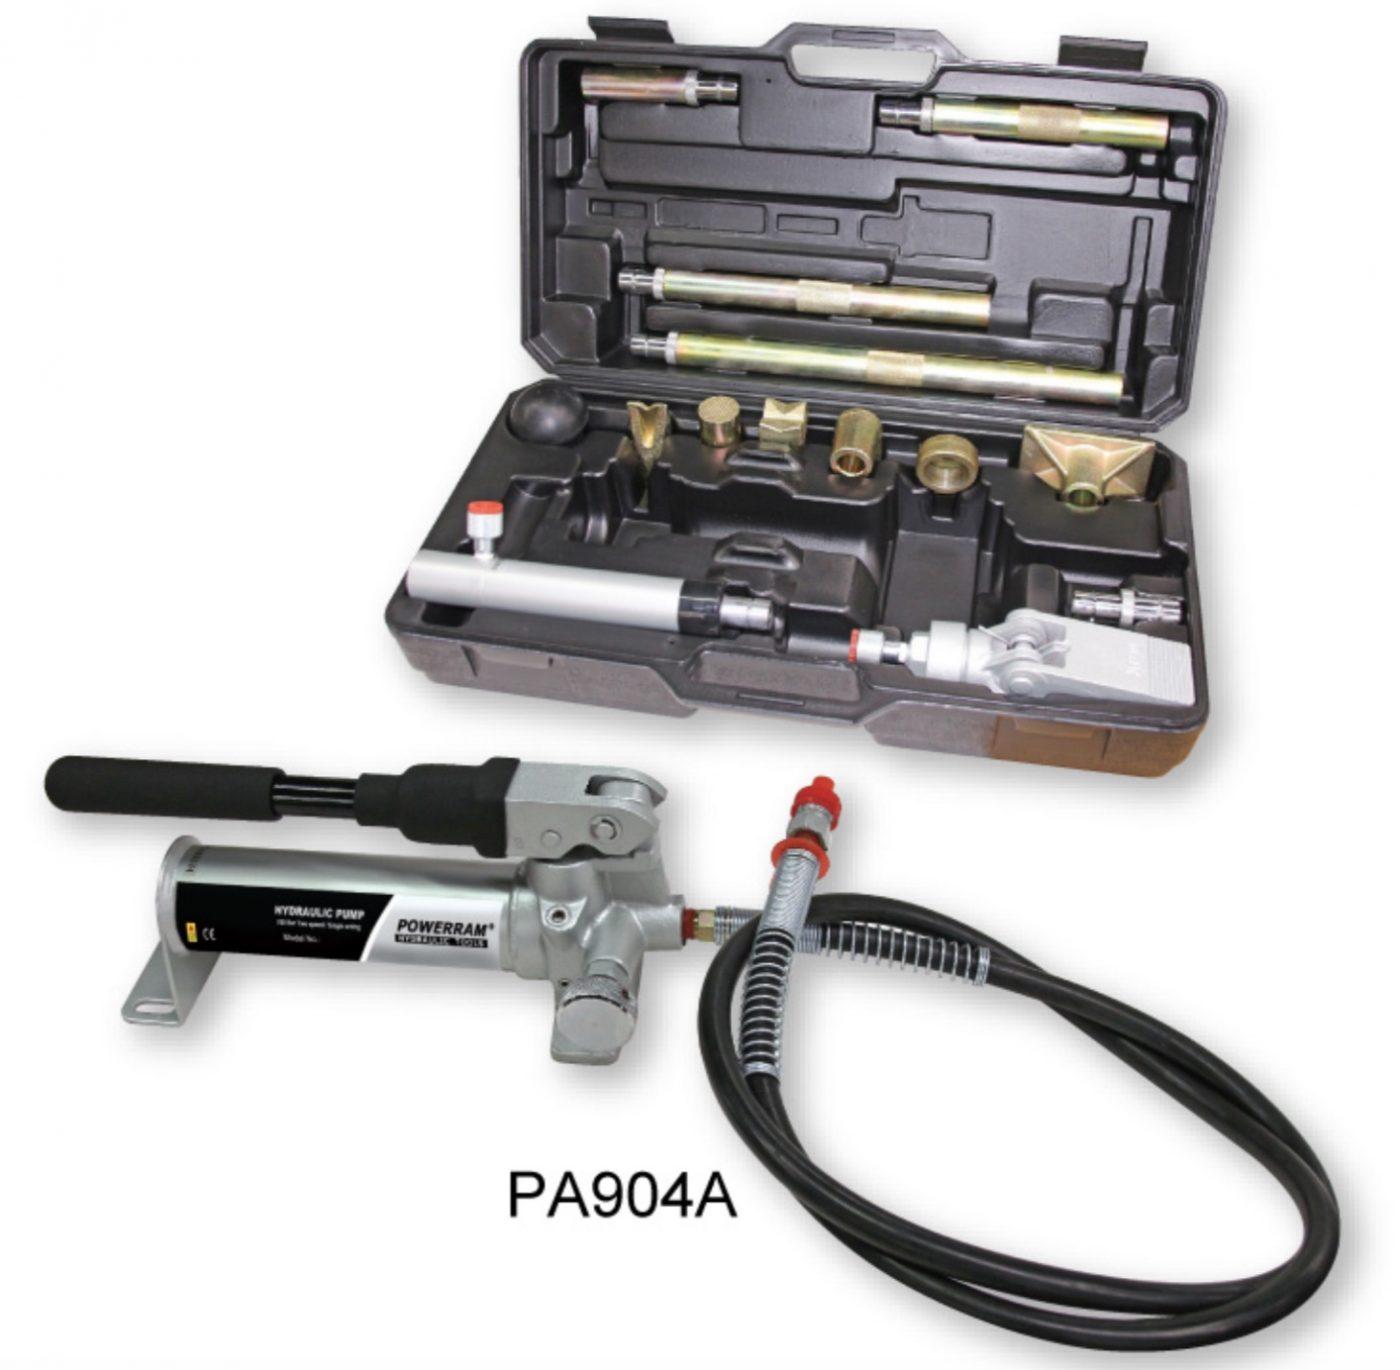 PA904A-dung-cu-bao-duong-tai-trong-4-tan